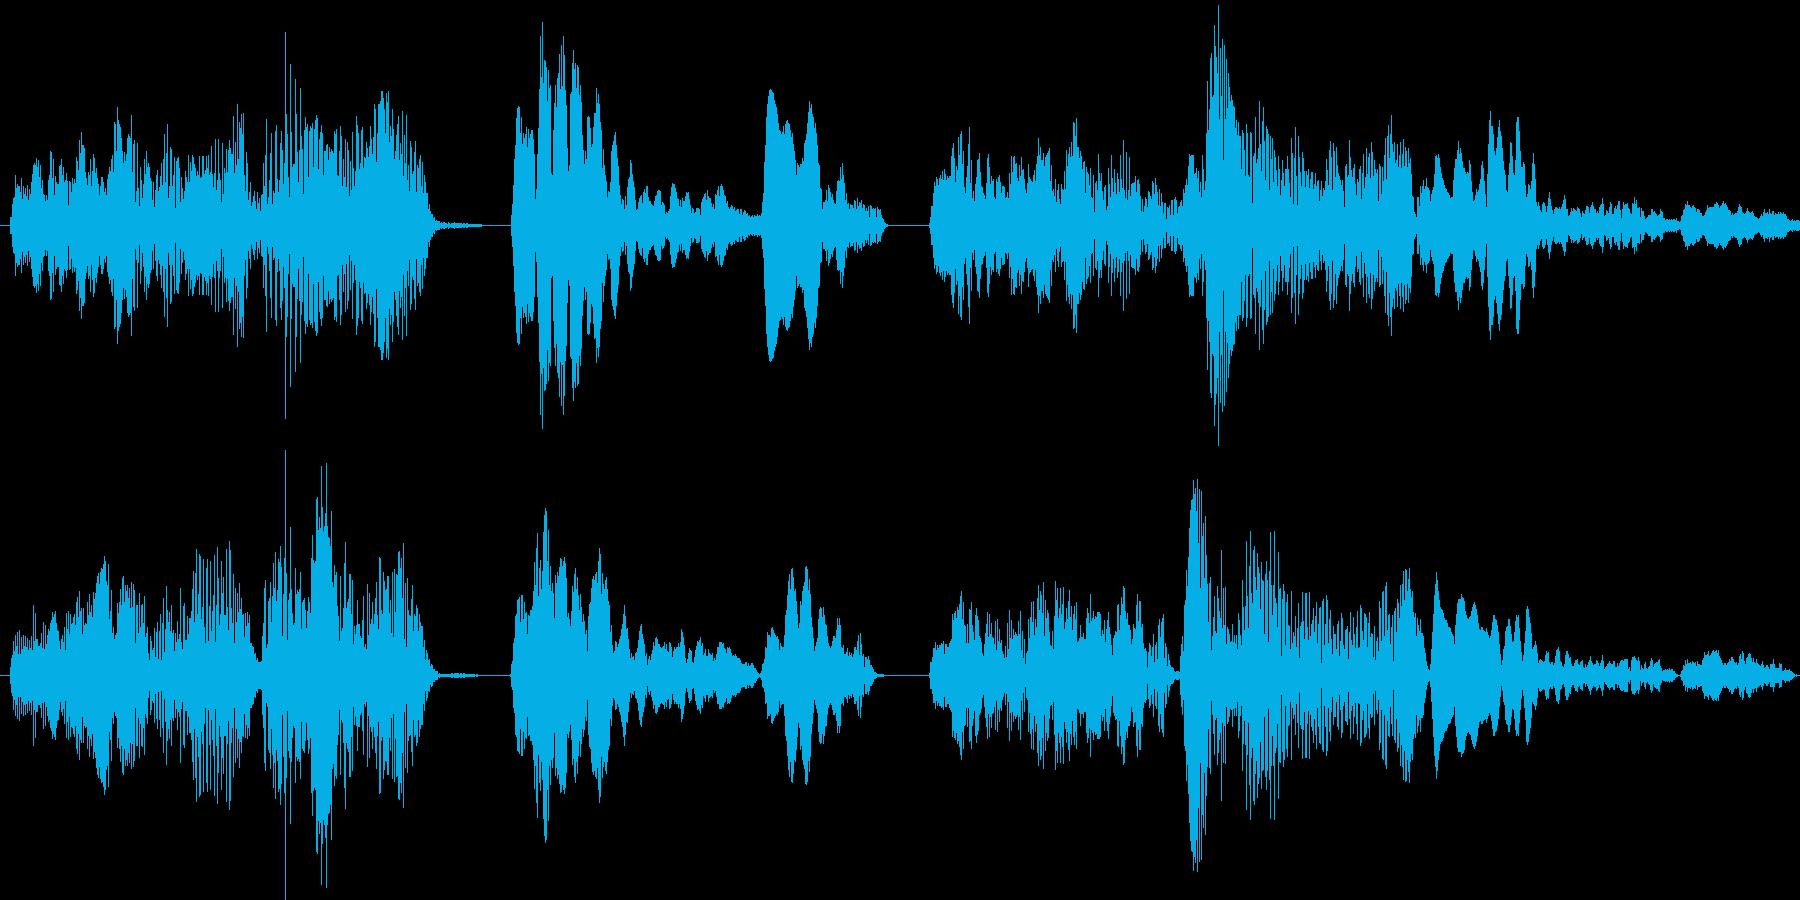 エイリアンorロボットがの発話音の再生済みの波形